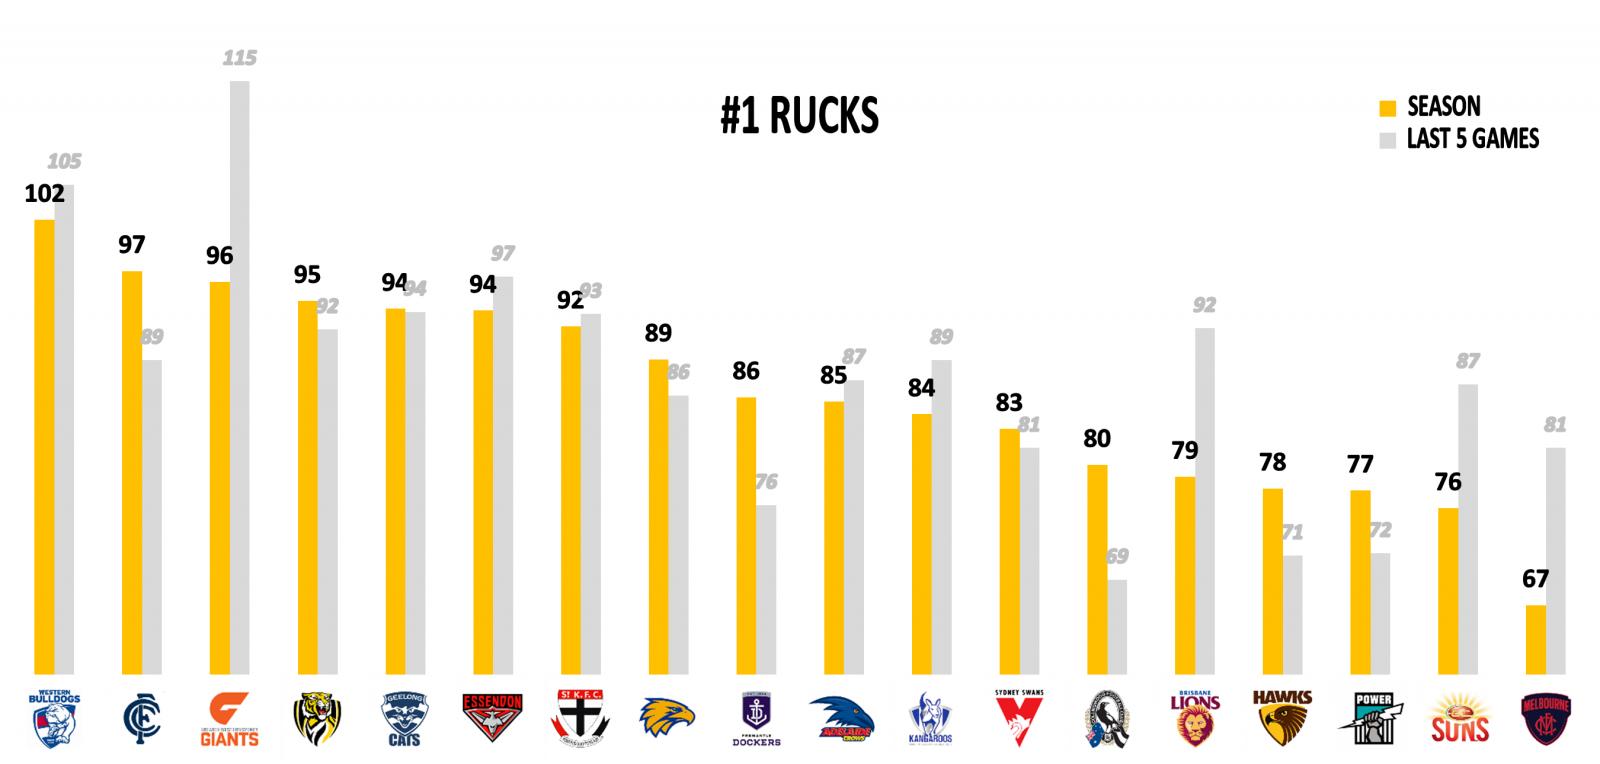 Points against Rucks